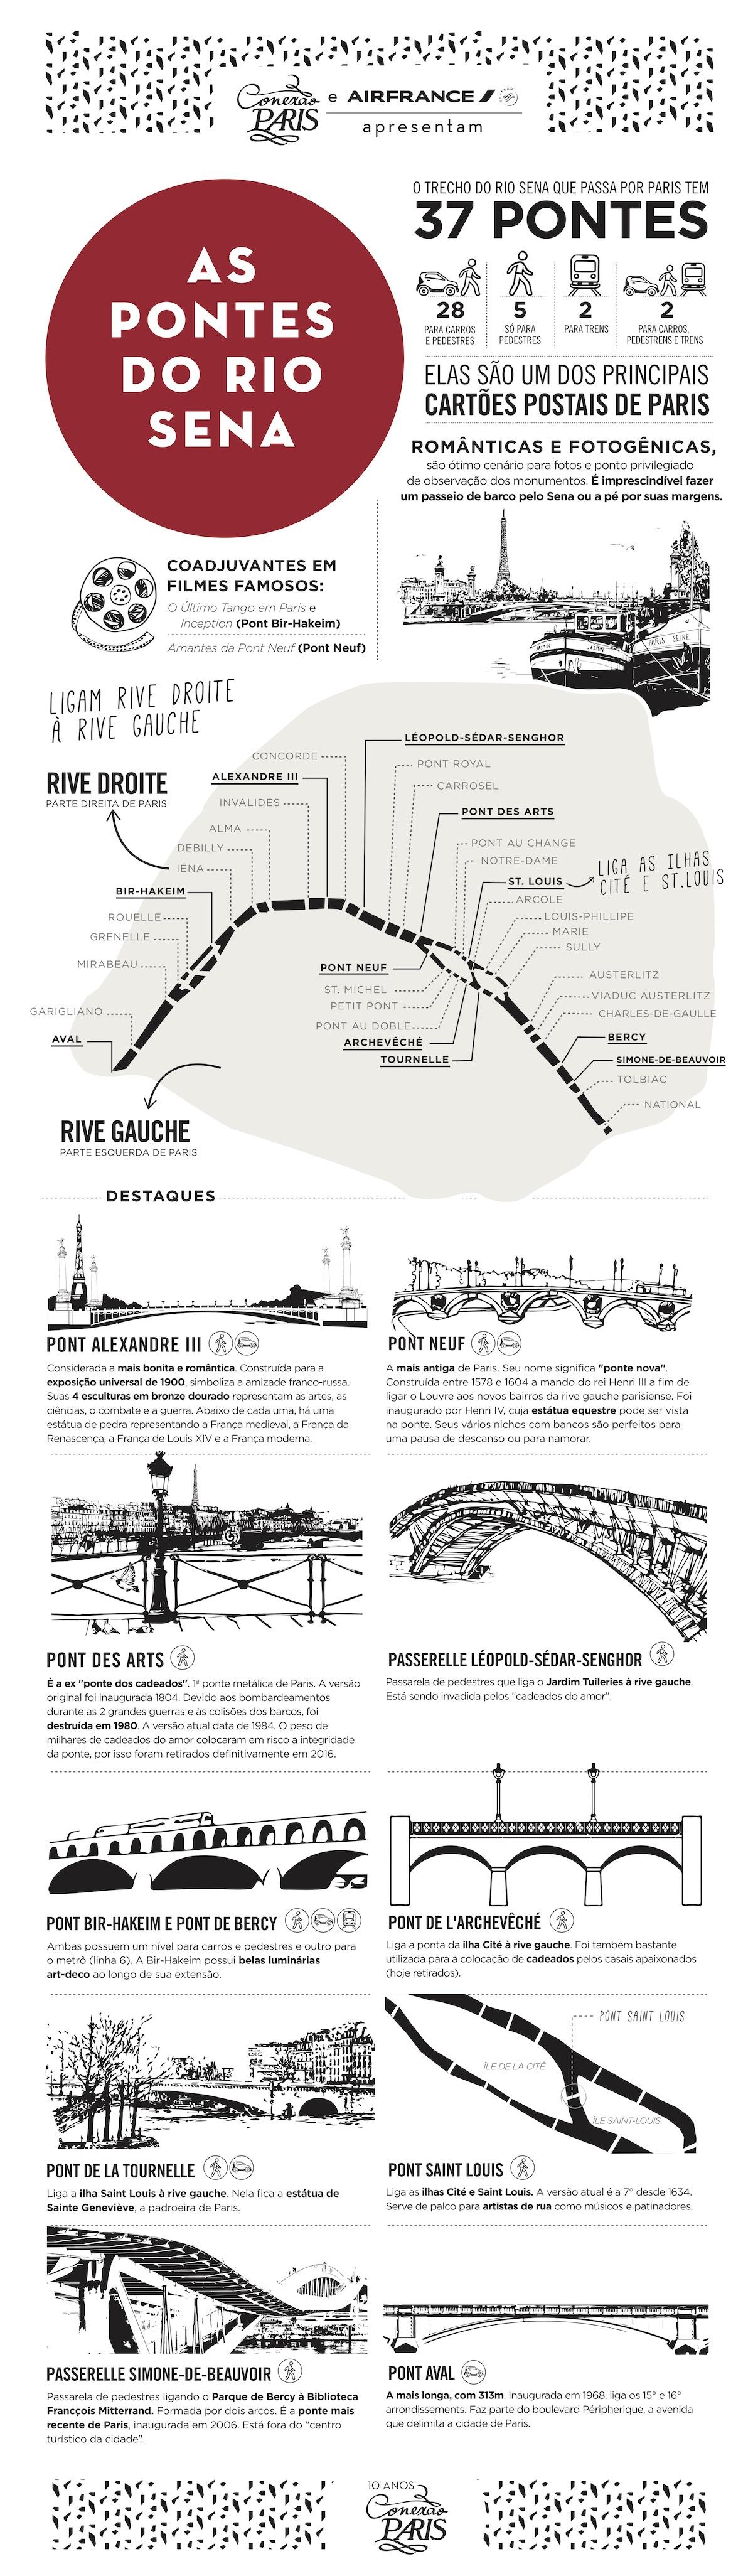 pontes do rio Sena